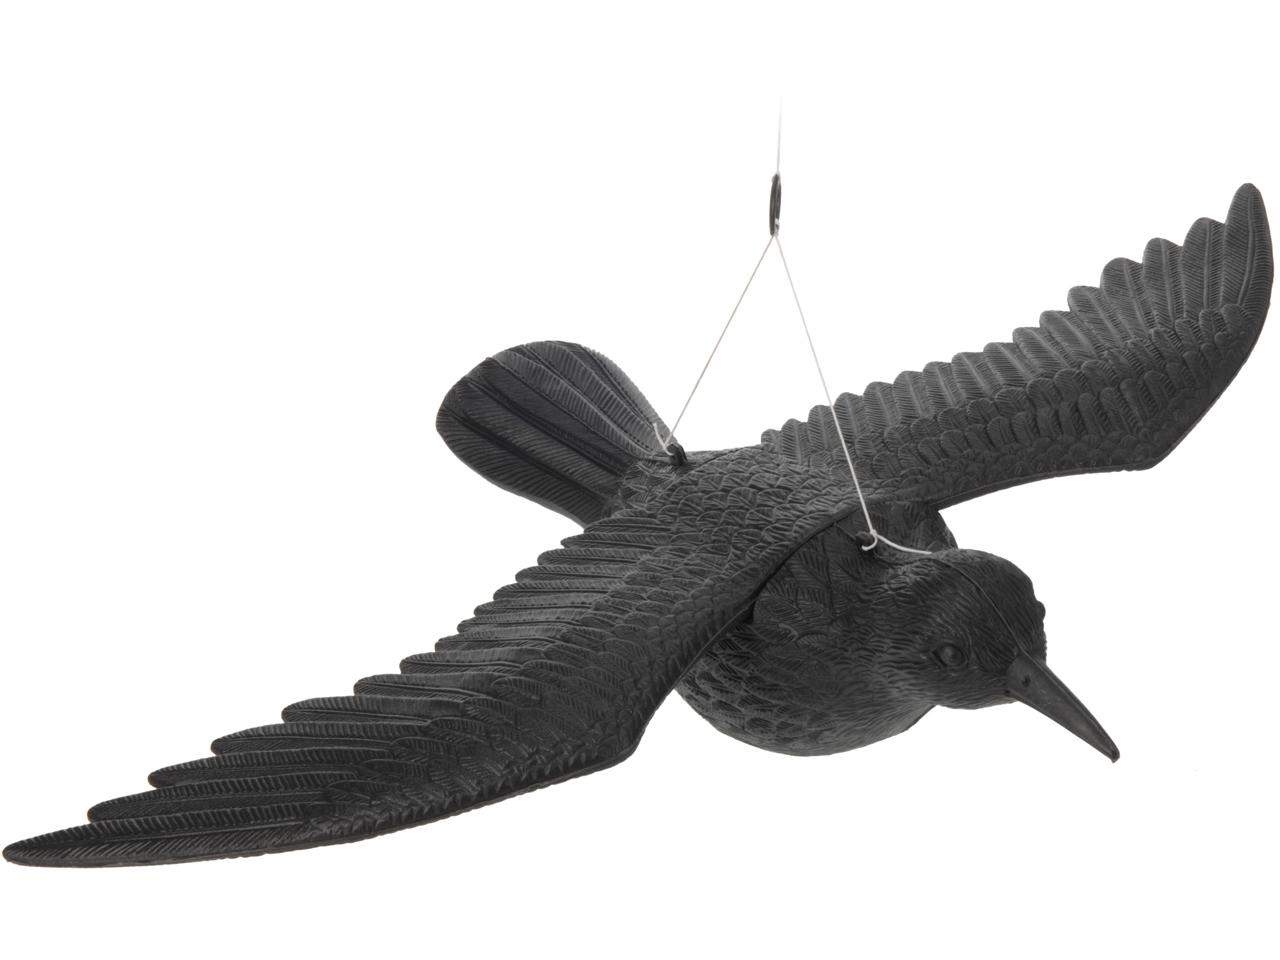 Plašiče ptáků a hlodavců